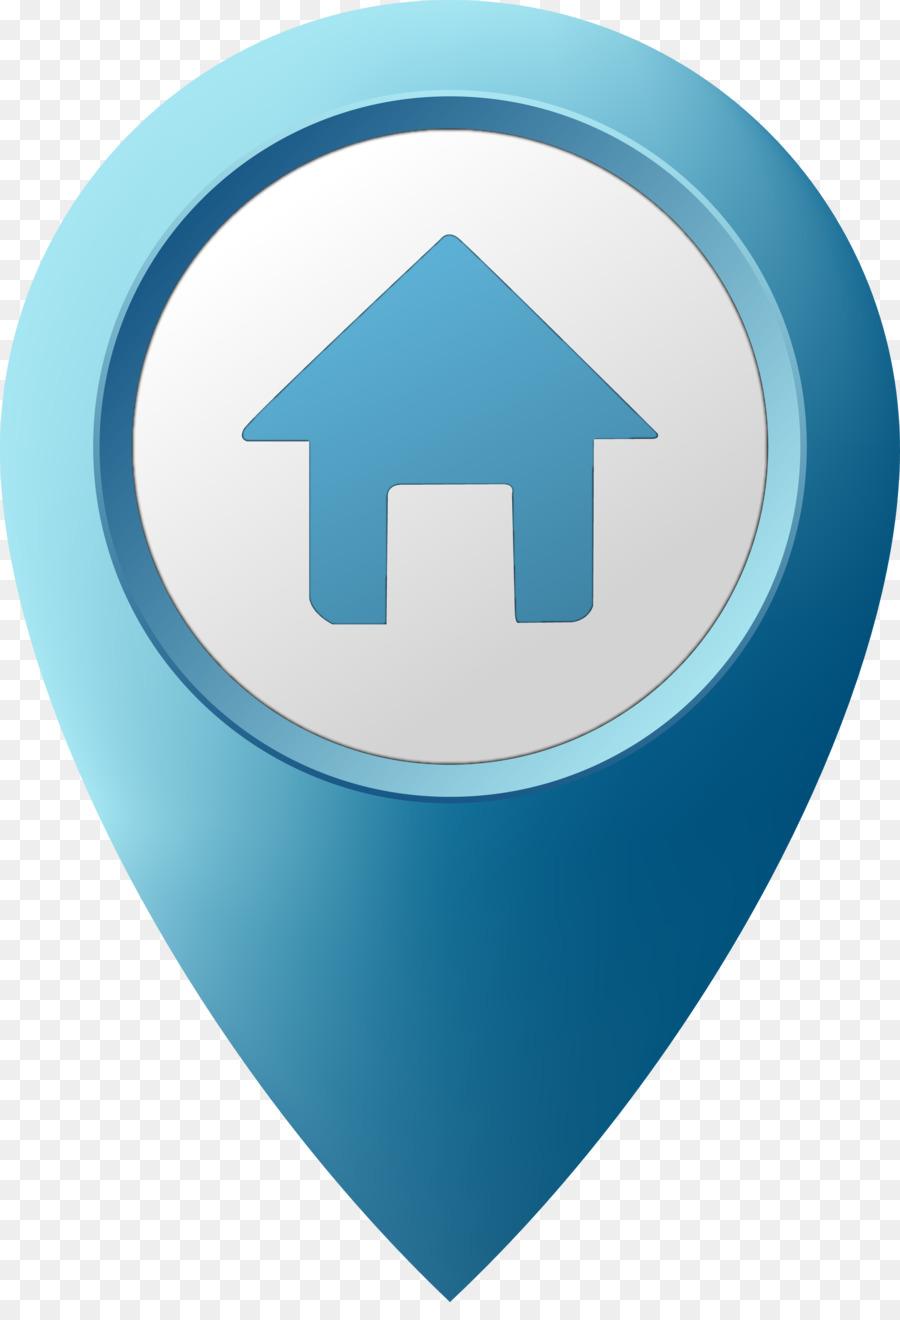 Trabajo De La Revolución De Contratación De Servicios Pvt .. Ltd. Logotipo De La Dirección De Negocios - ubicación del logotipo de